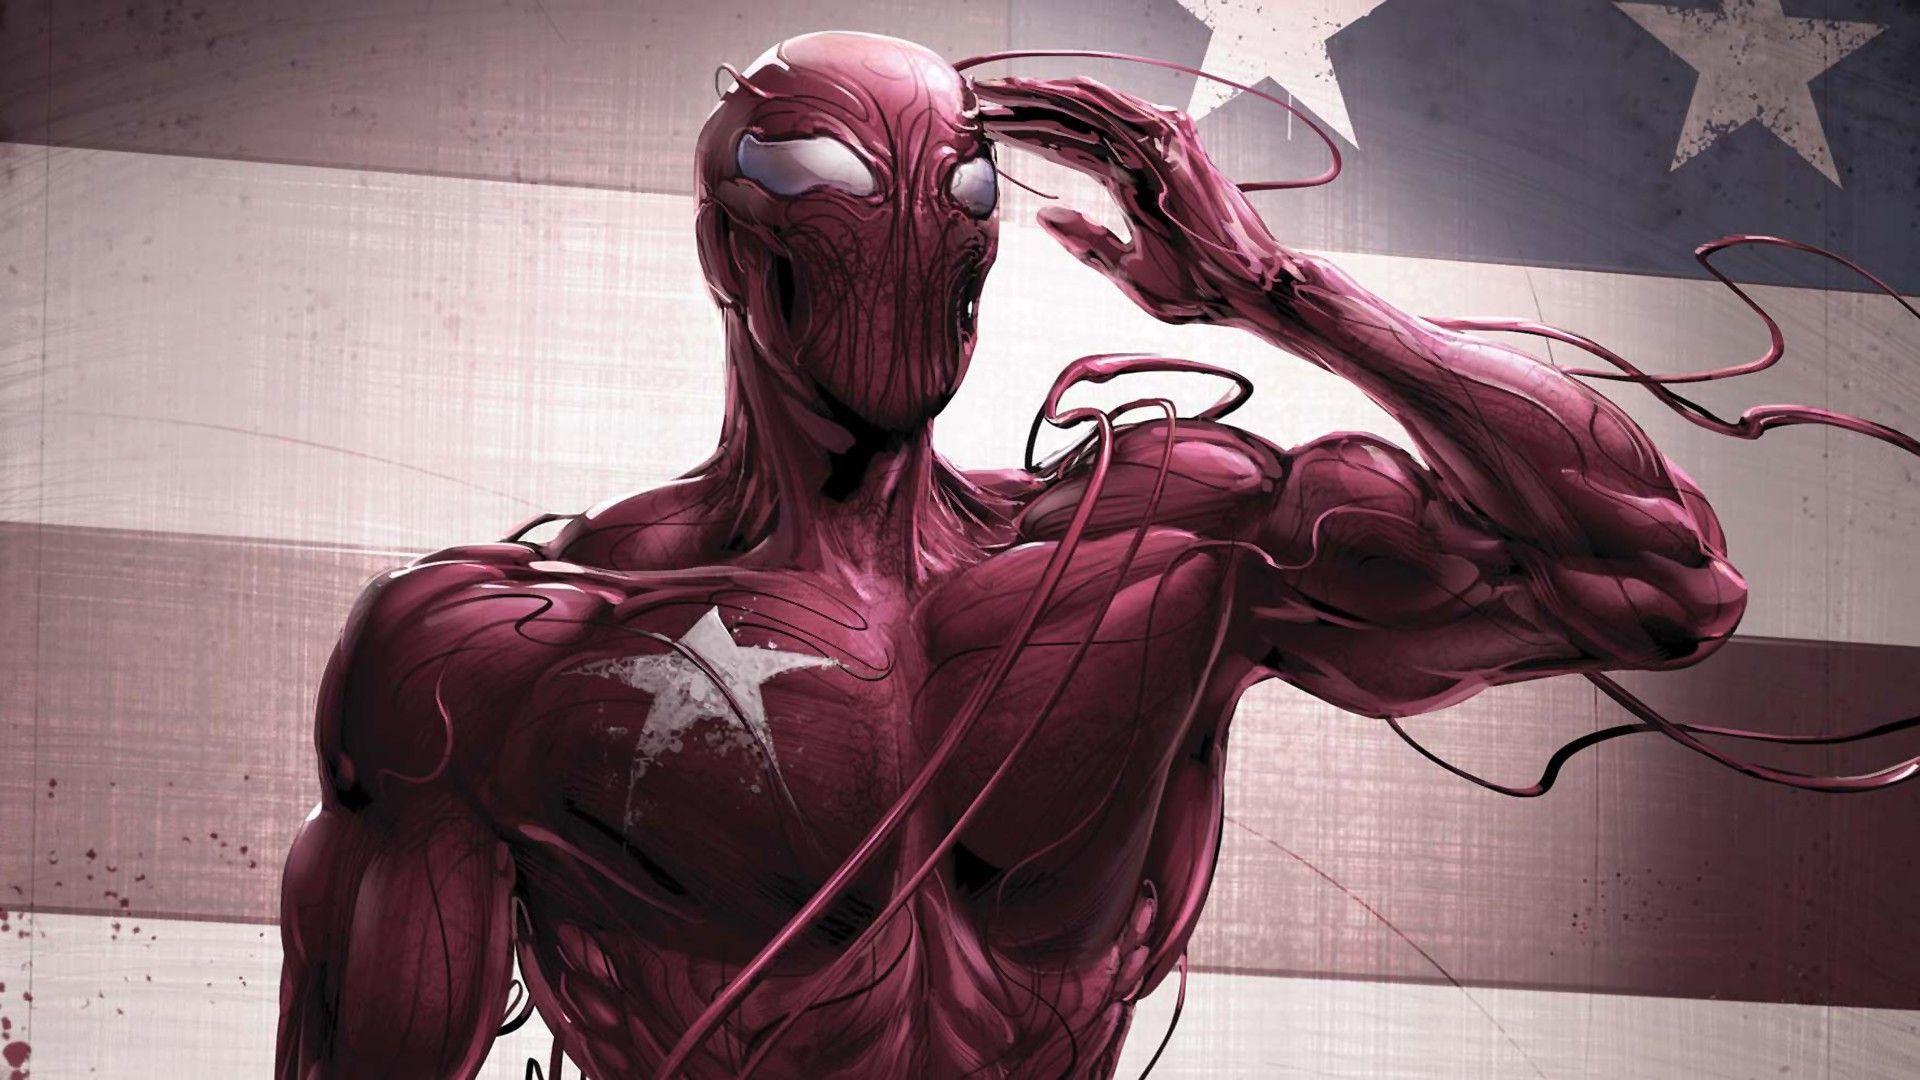 Spider Man HD Wallpaper 1920x1080 1920x1080